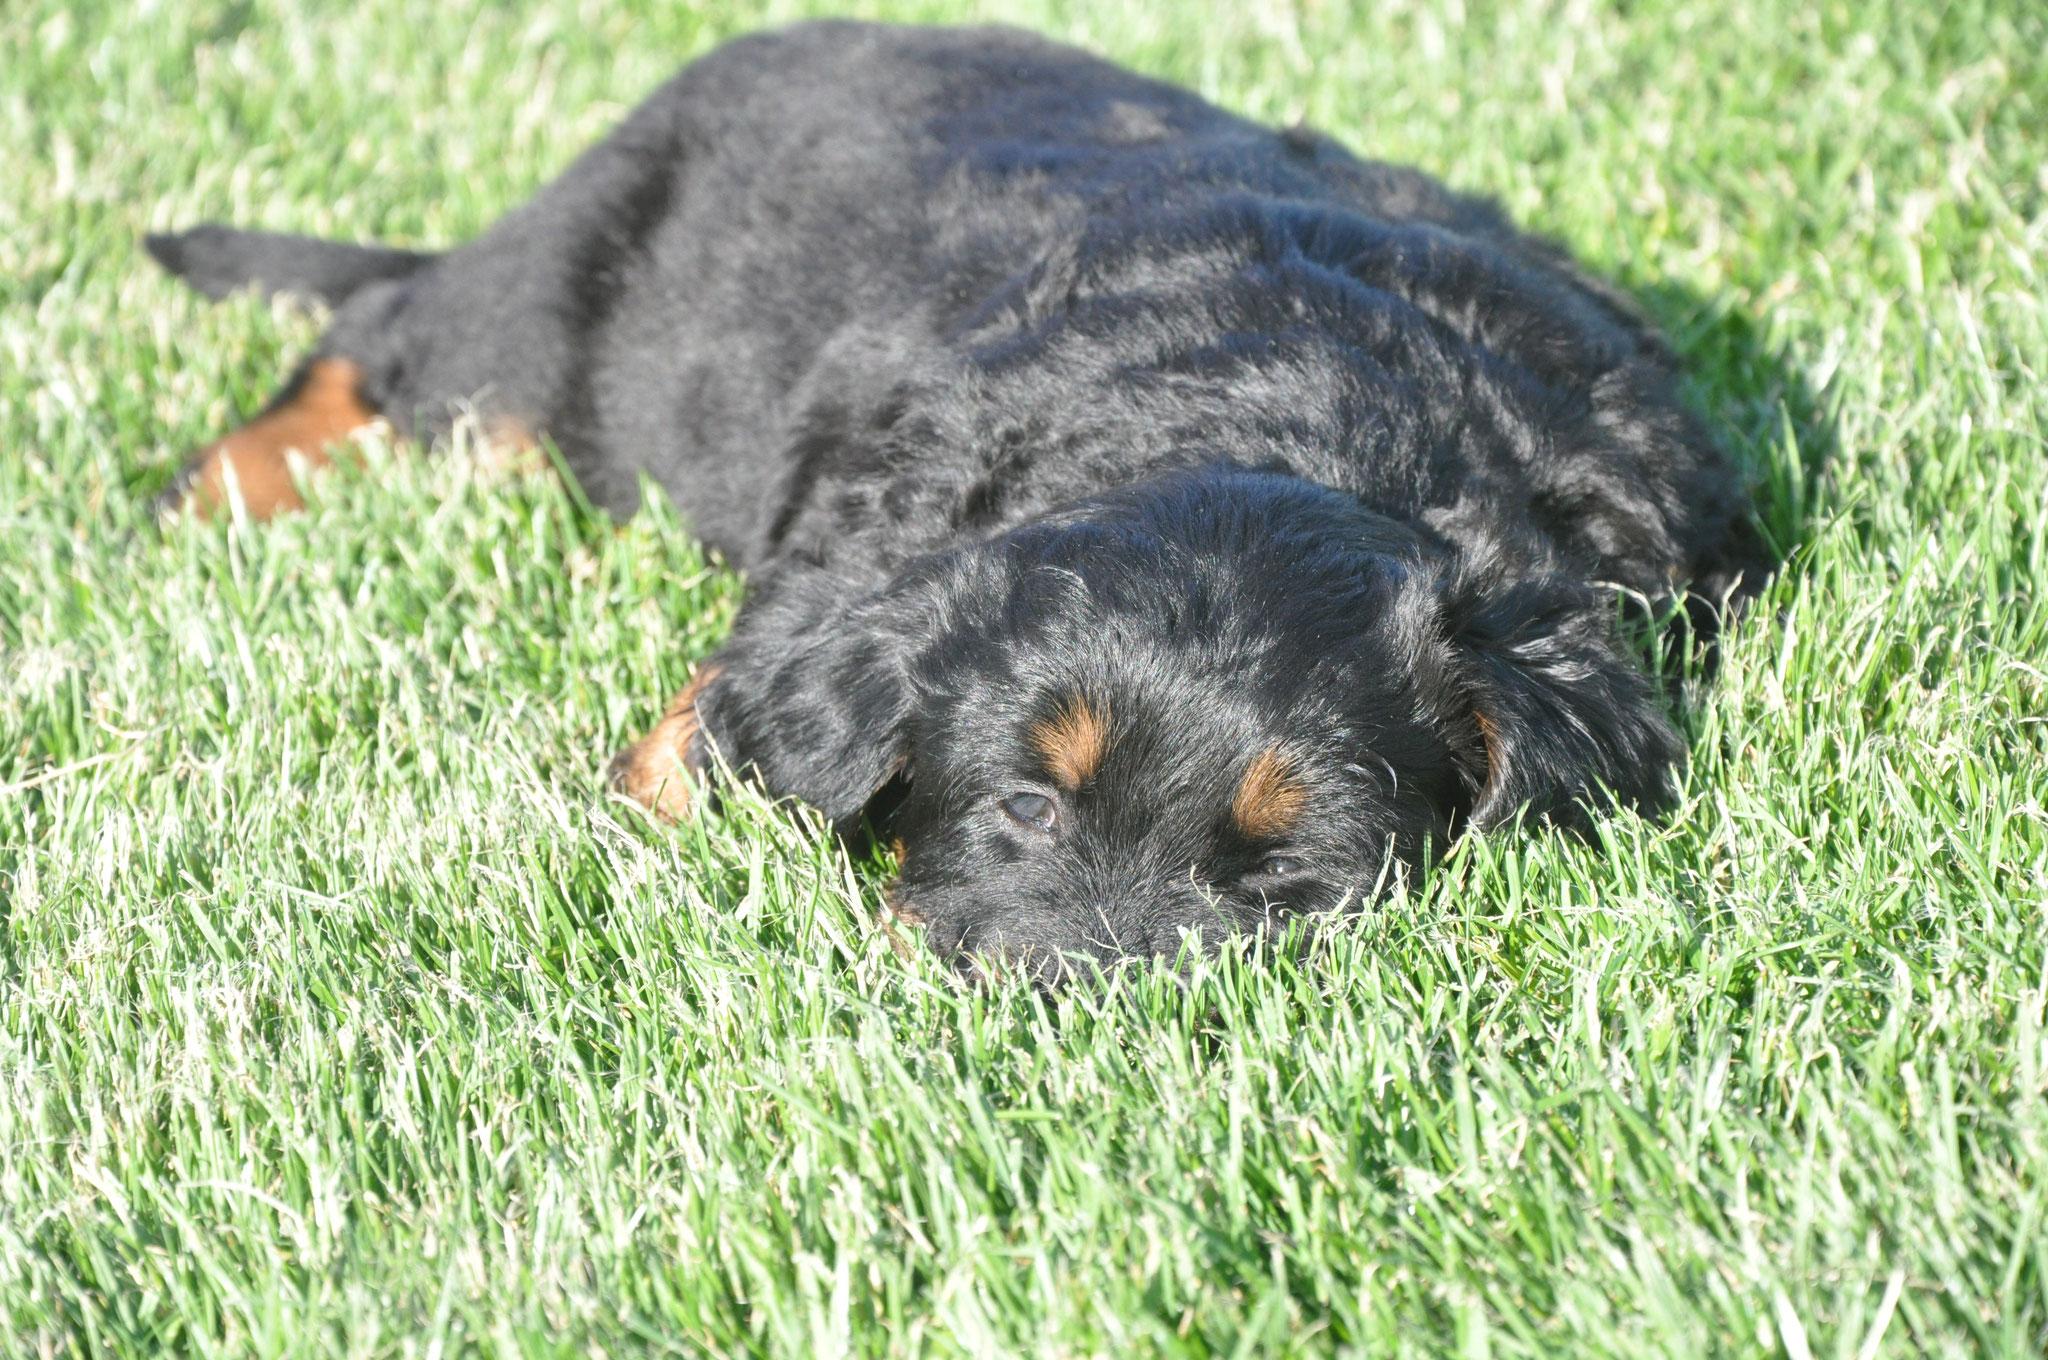 Der Versuch, sich im Gras zu verstecken...